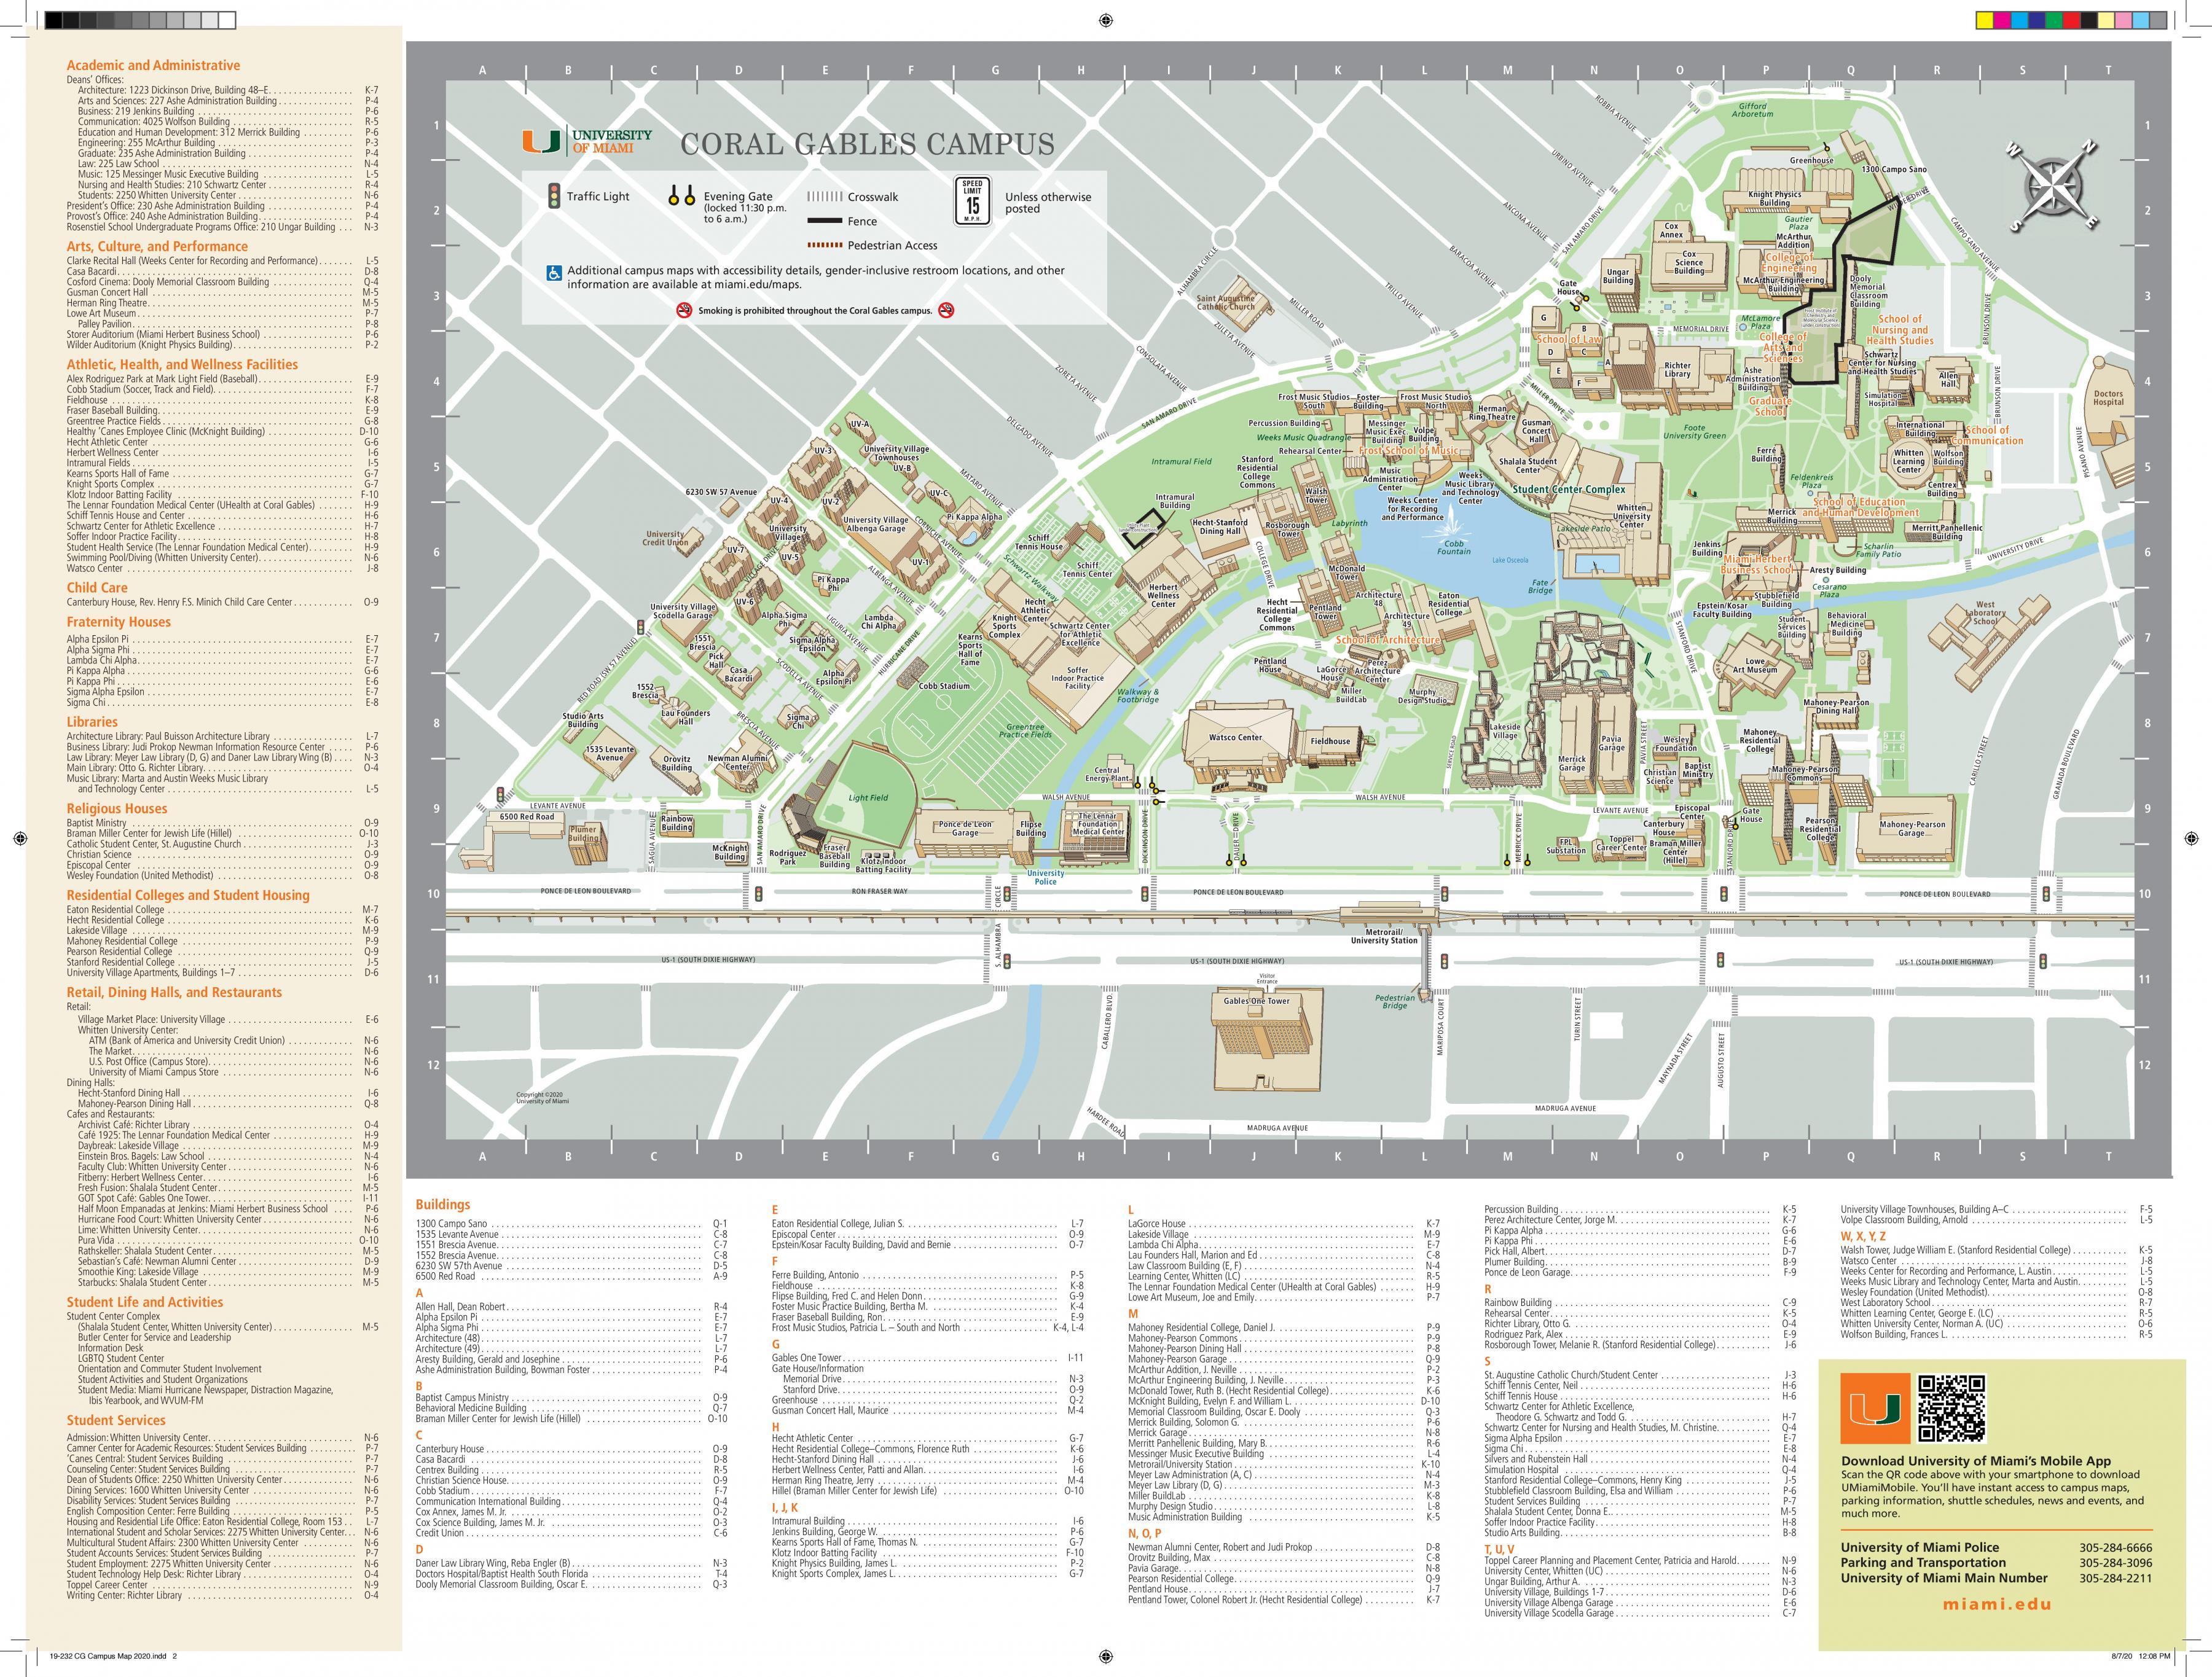 Miami university campus map - University of Miami campus map ...